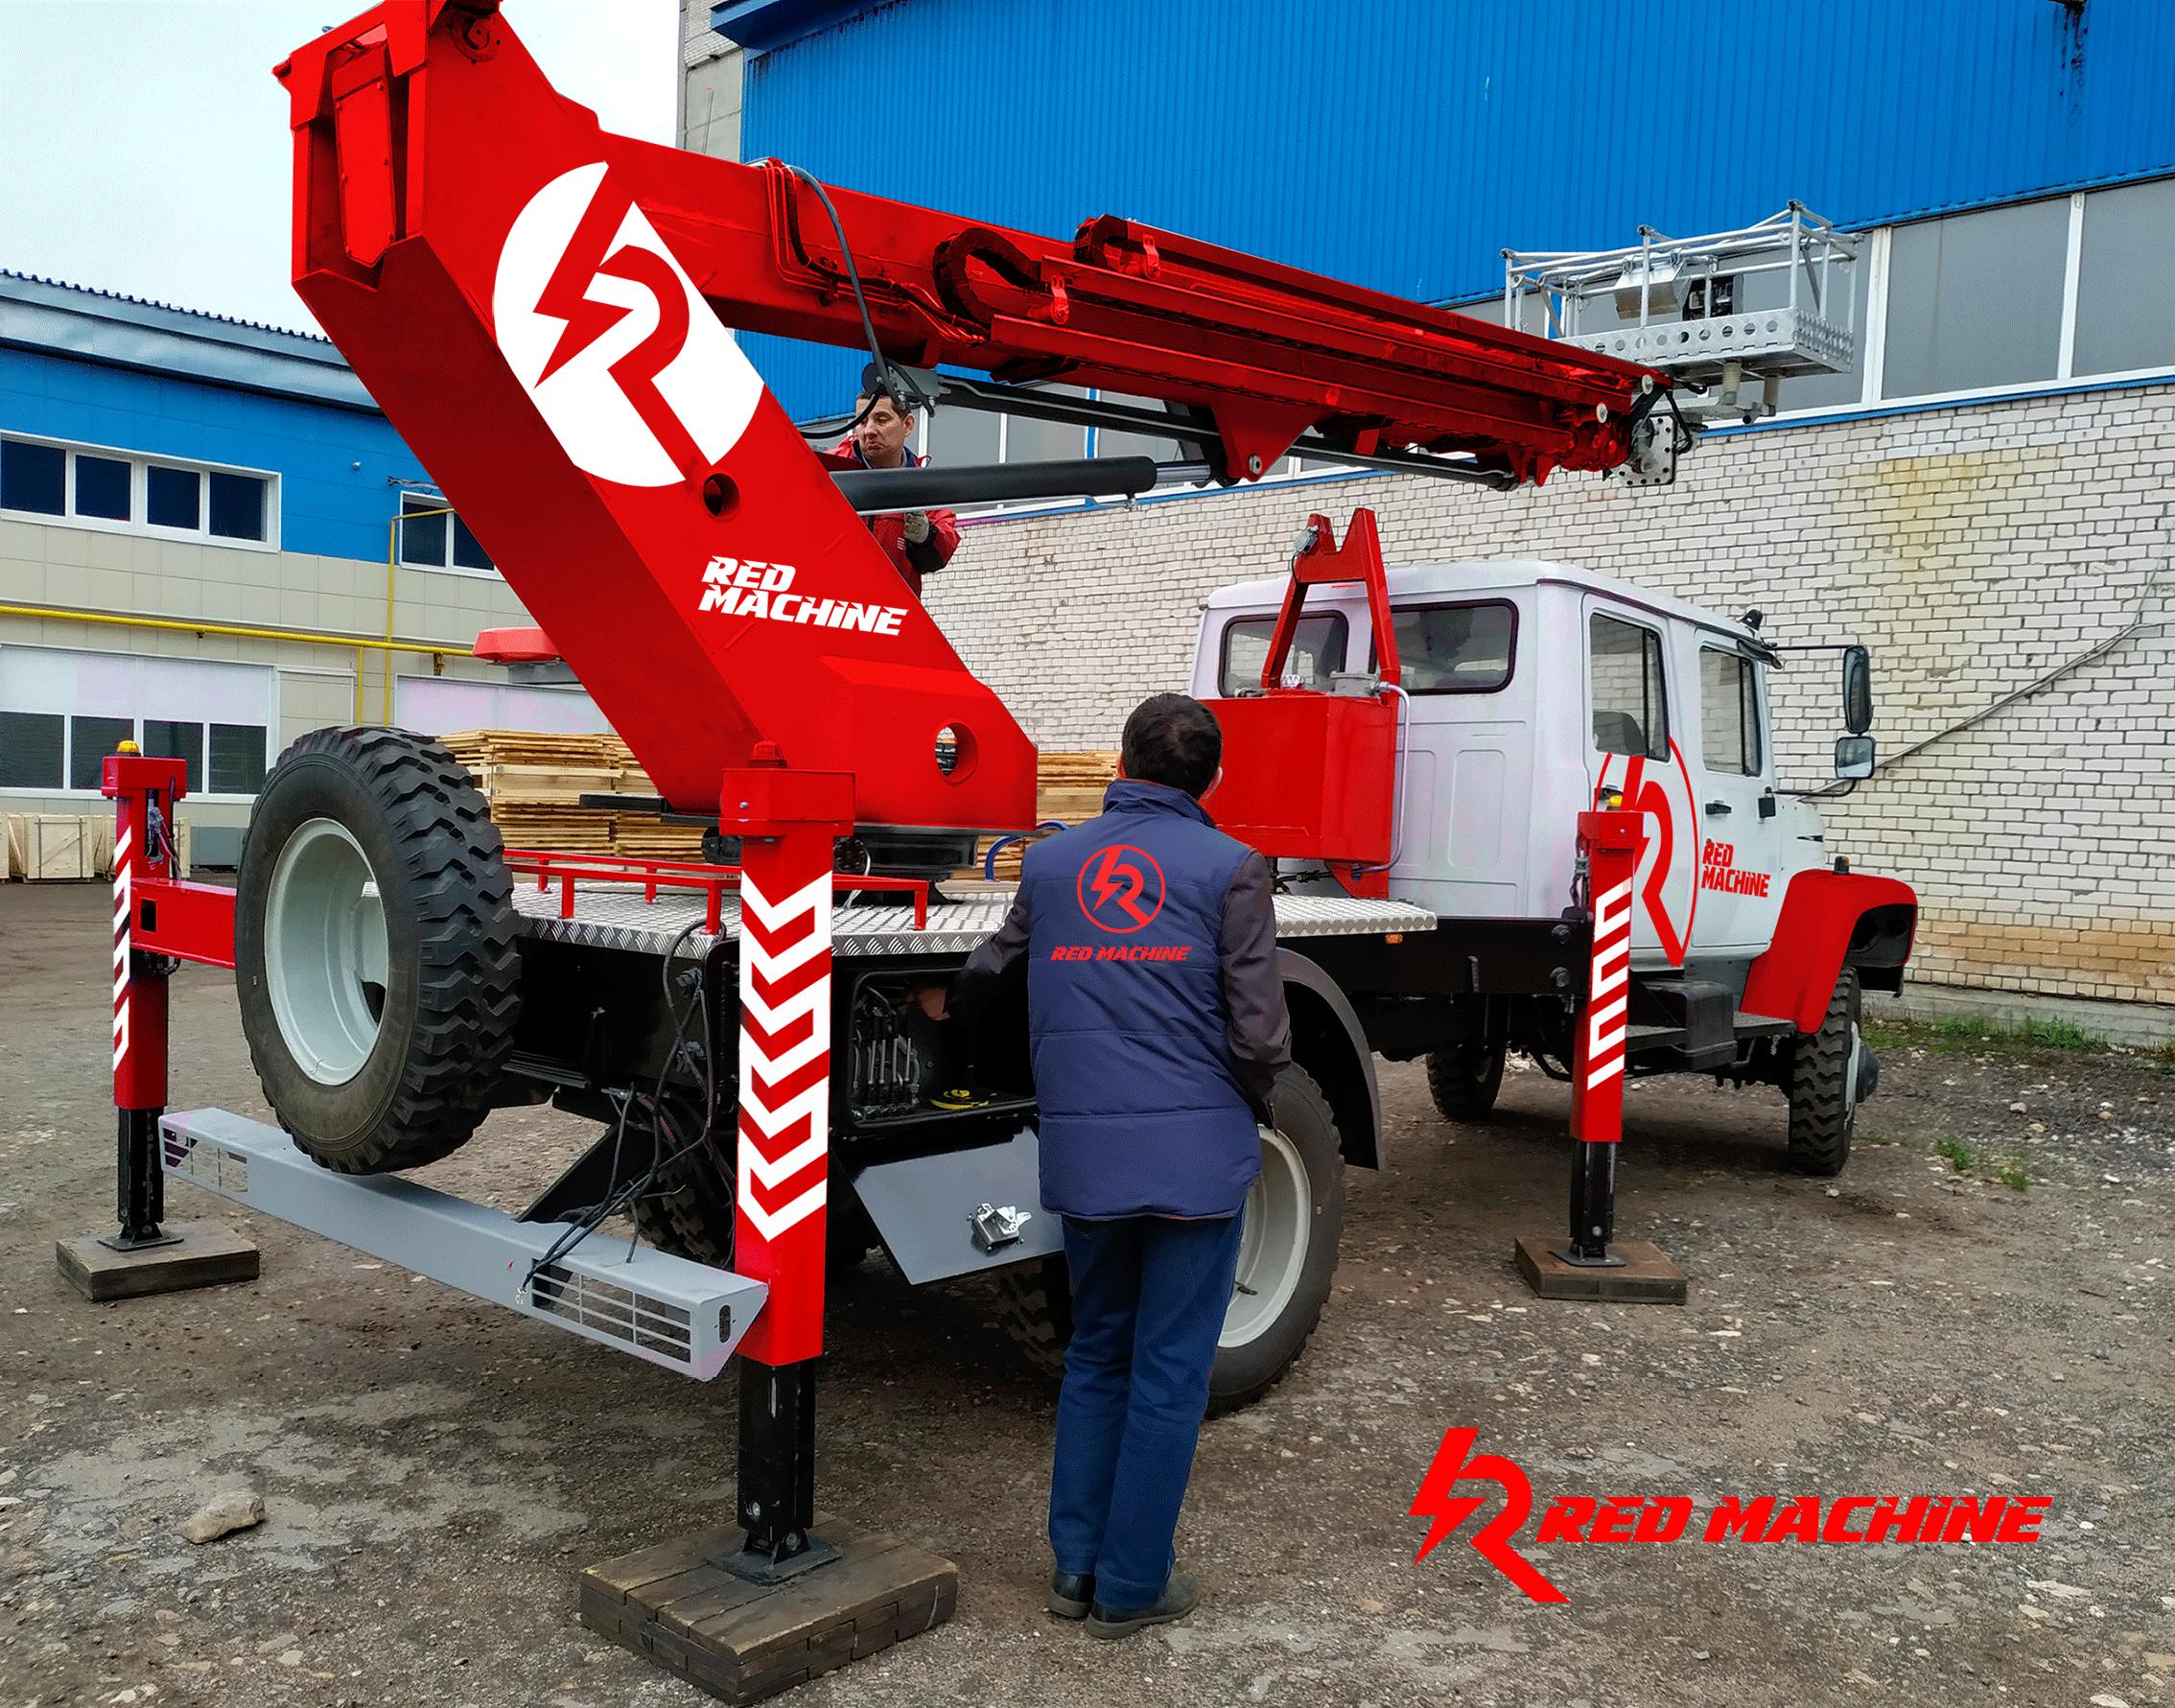 Оформление автогидроподъёмника,  бренд - RED MACHINE фото f_5215e14dc32eef75.png